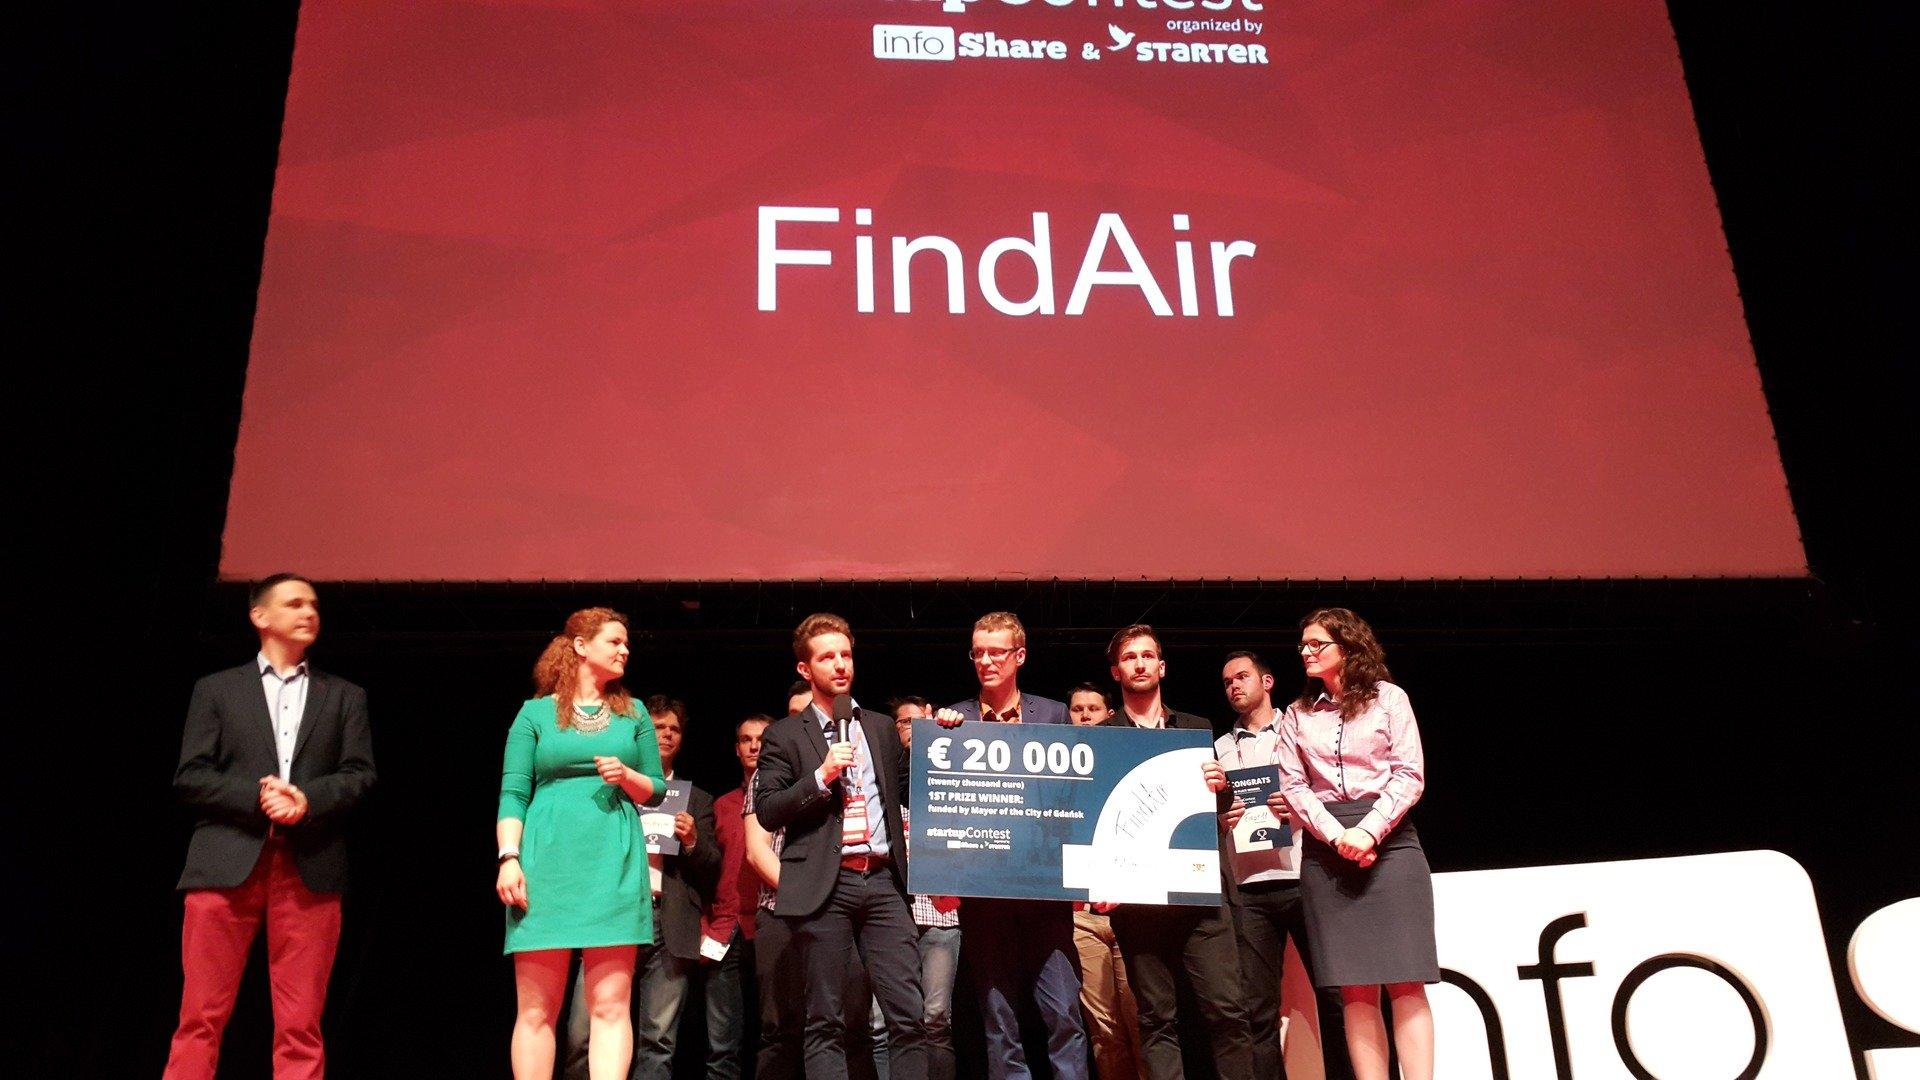 Podbili InfoShare. Zgarnęli wszystkie nagrody. FINDAIR najlepszym startupem 2017 roku!